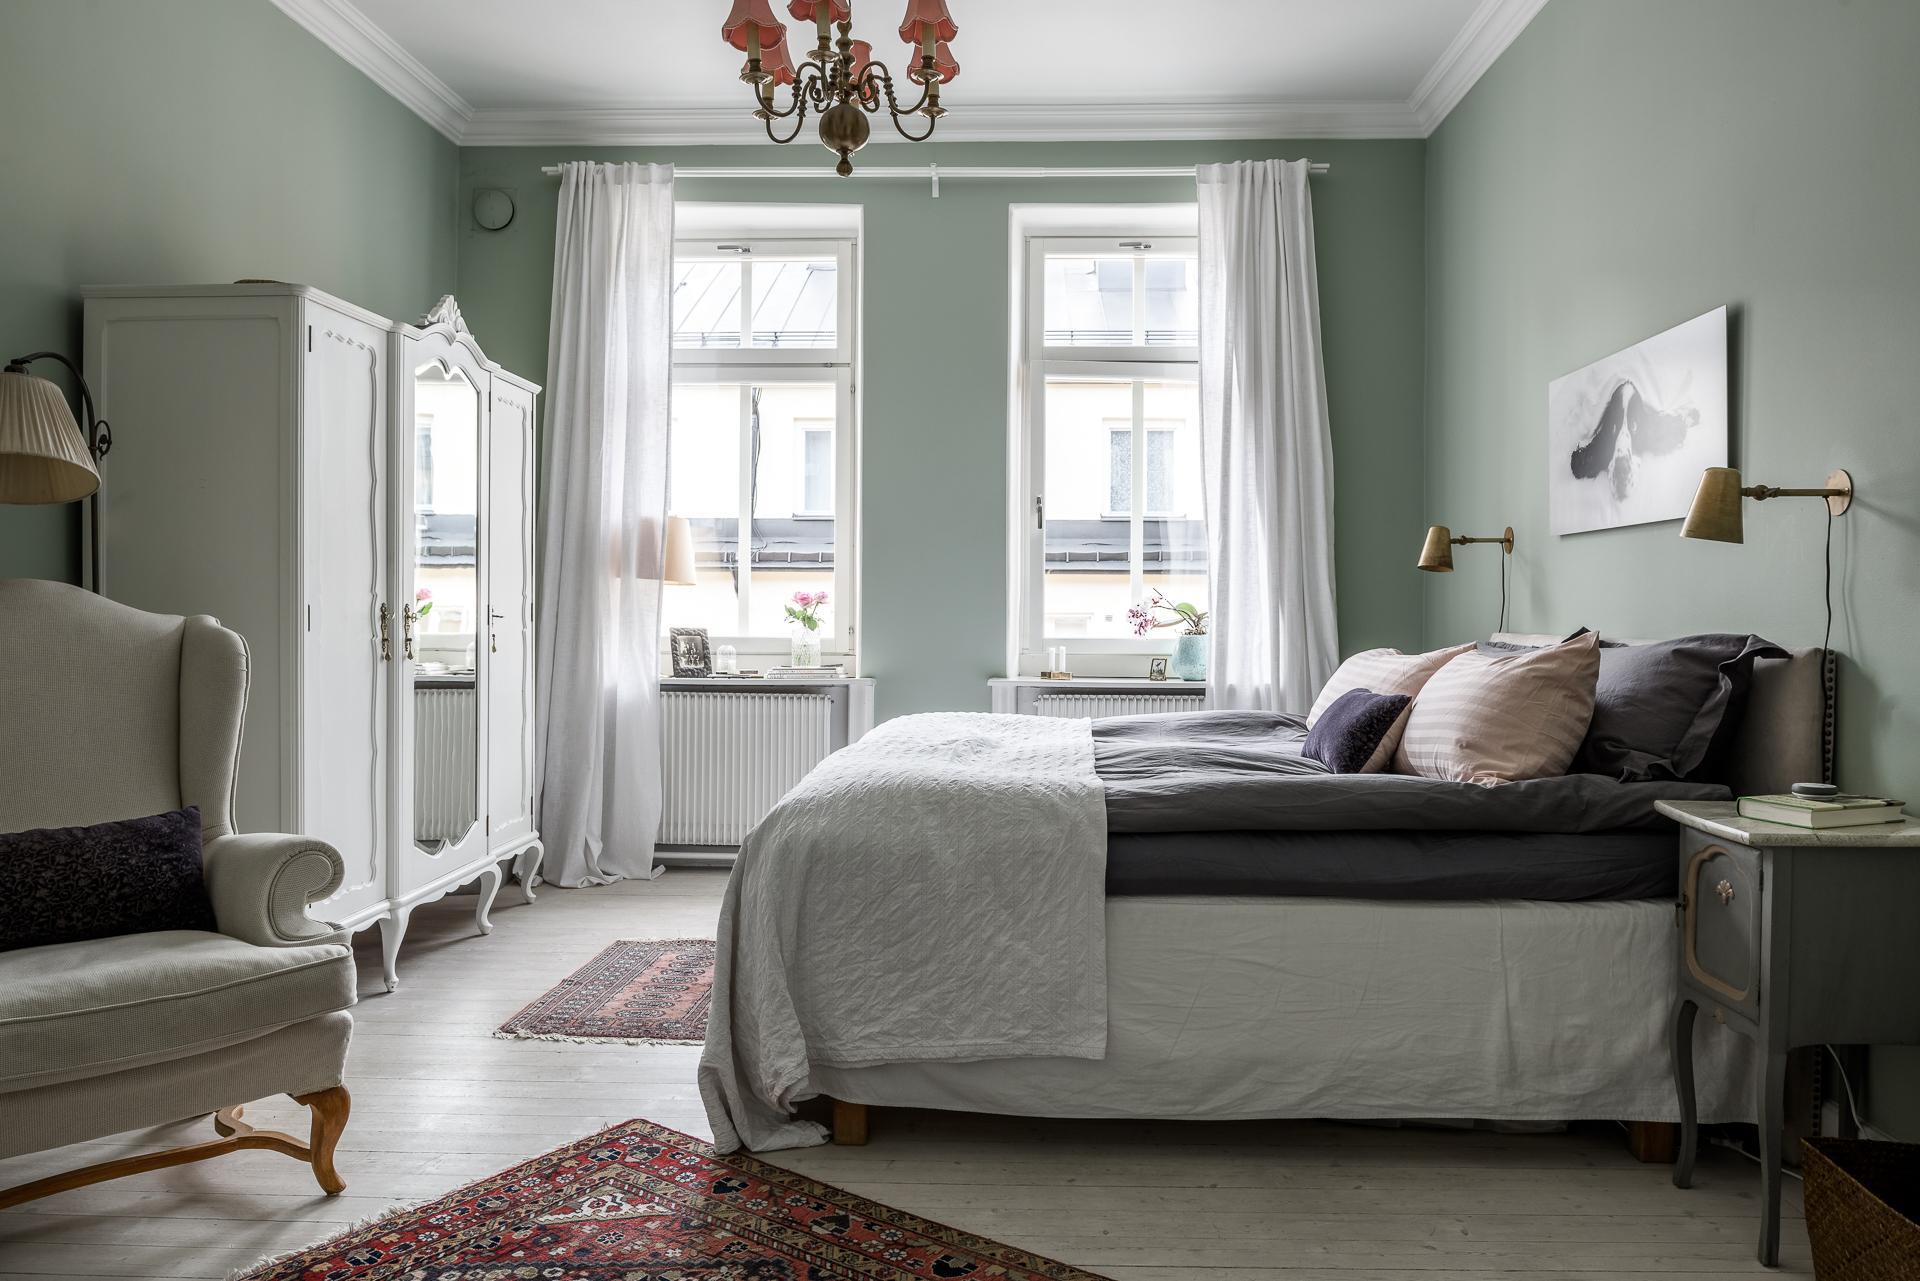 спальня кровать платяной шкаф прикроватные тумбы светильники кресло ковер